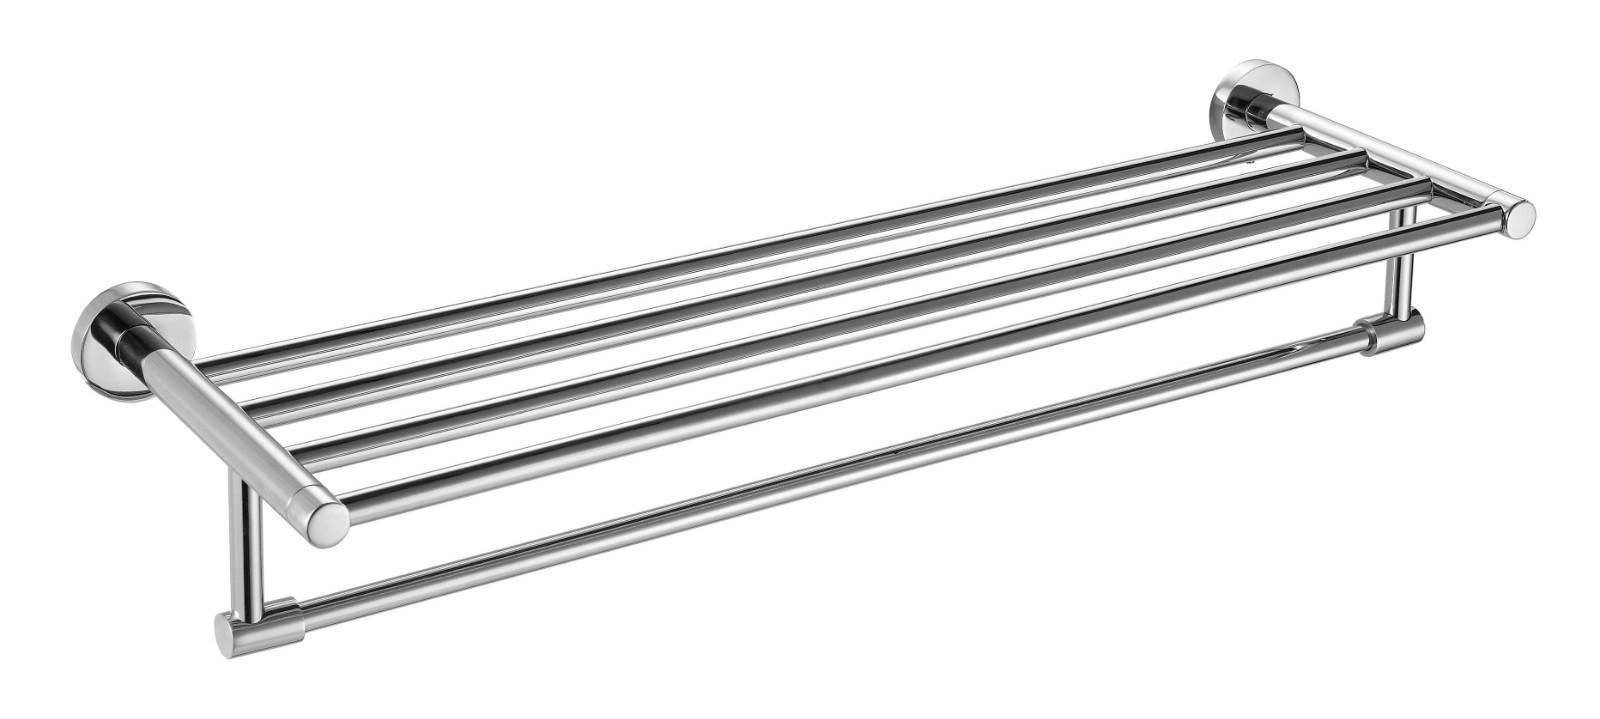 Norye stainless steel bathroom set manufacturer for washroom